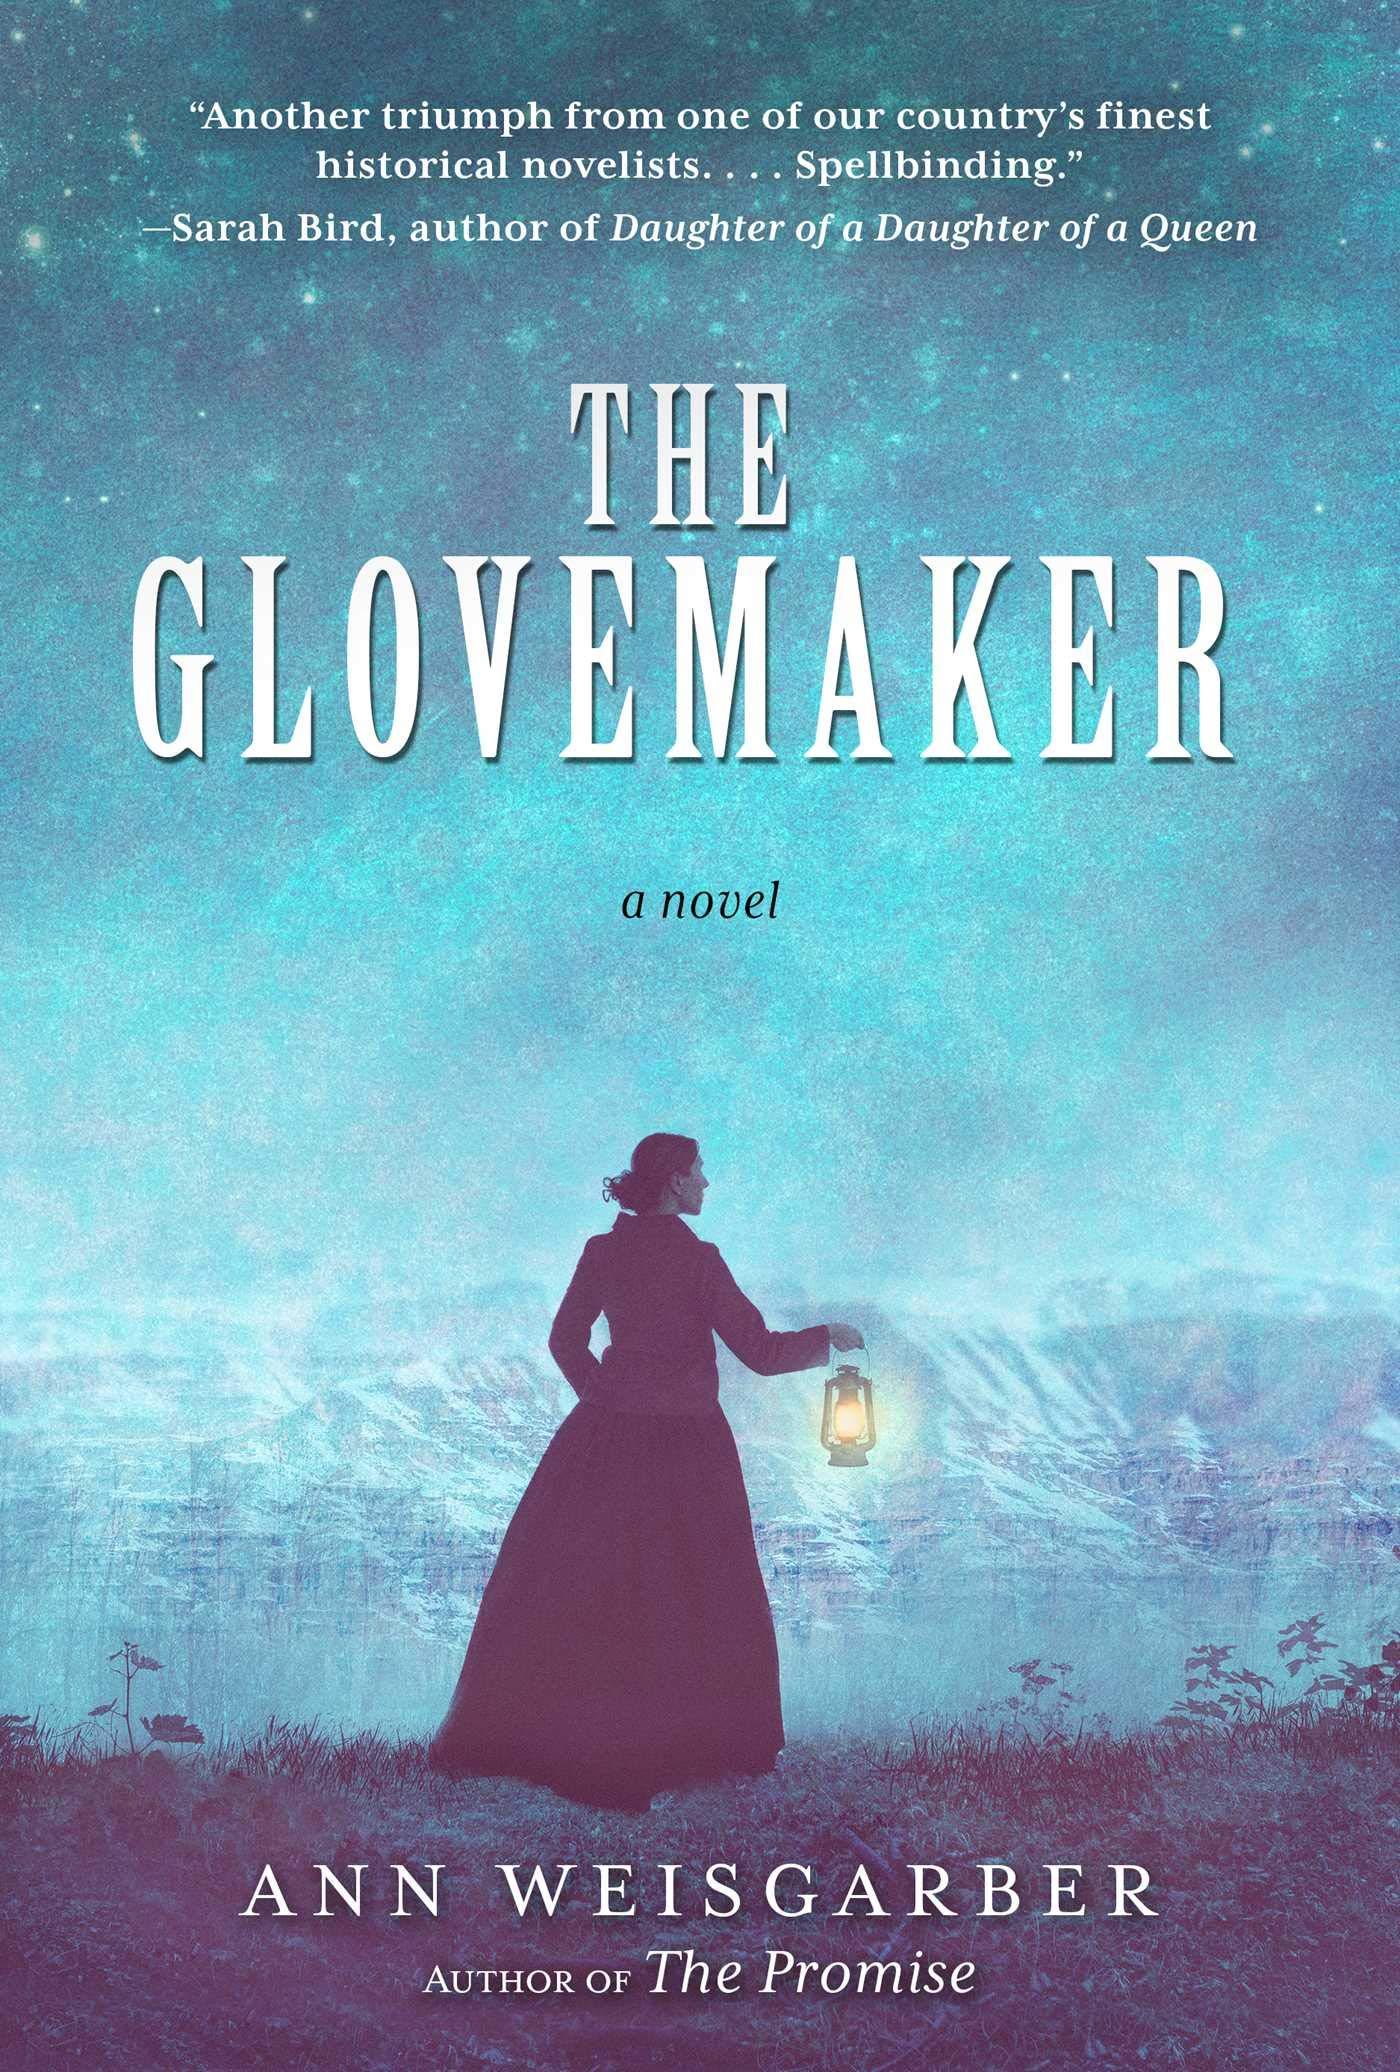 Ann Weisgarber – The Glovemaker Genre: Author: